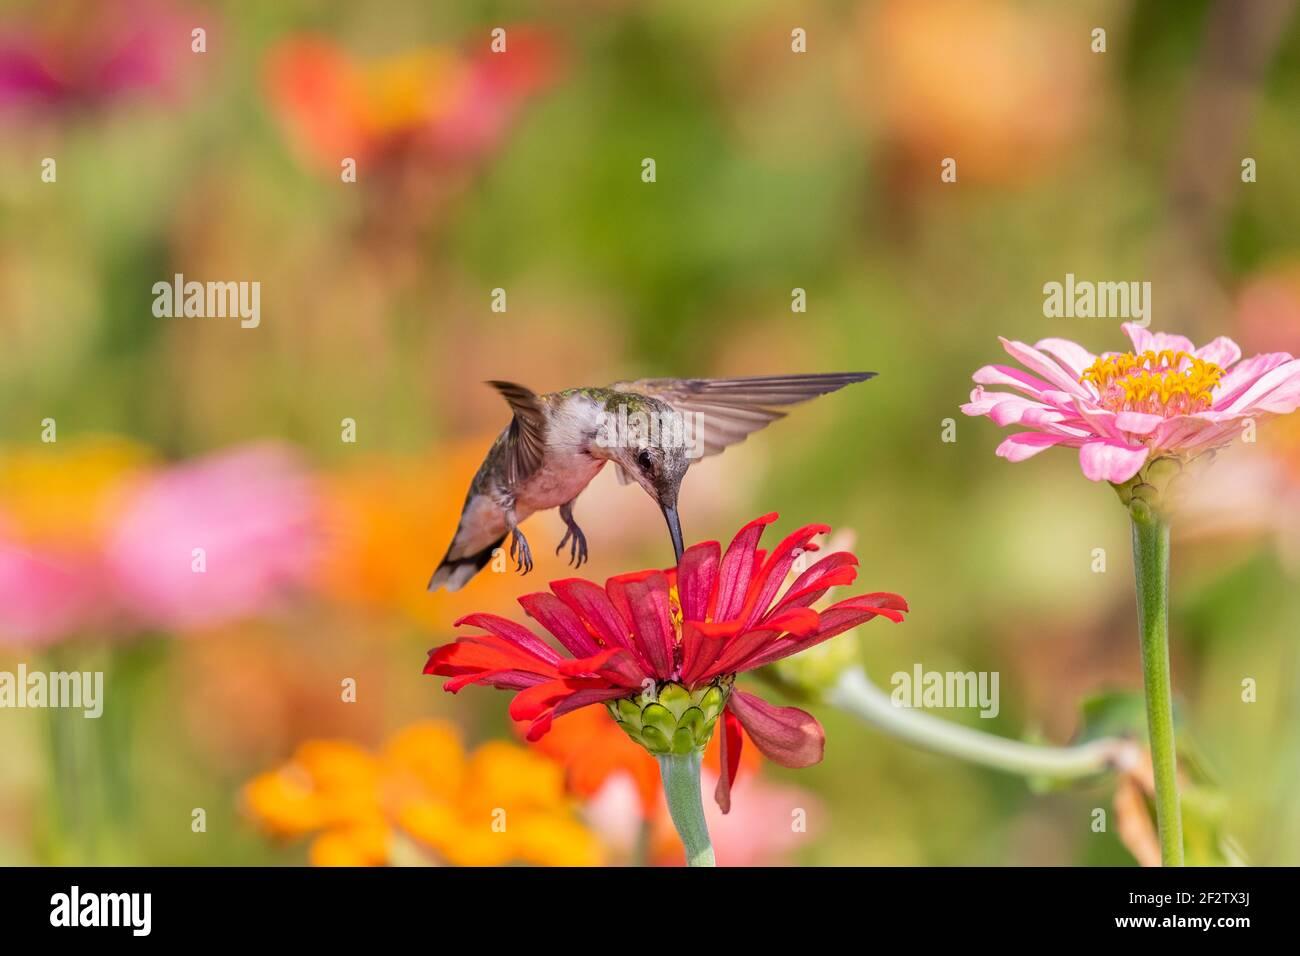 01162-17018 Hummingbird de garganta rubí (Archilochus colubris) en Zinnias Union Co. IL Foto de stock